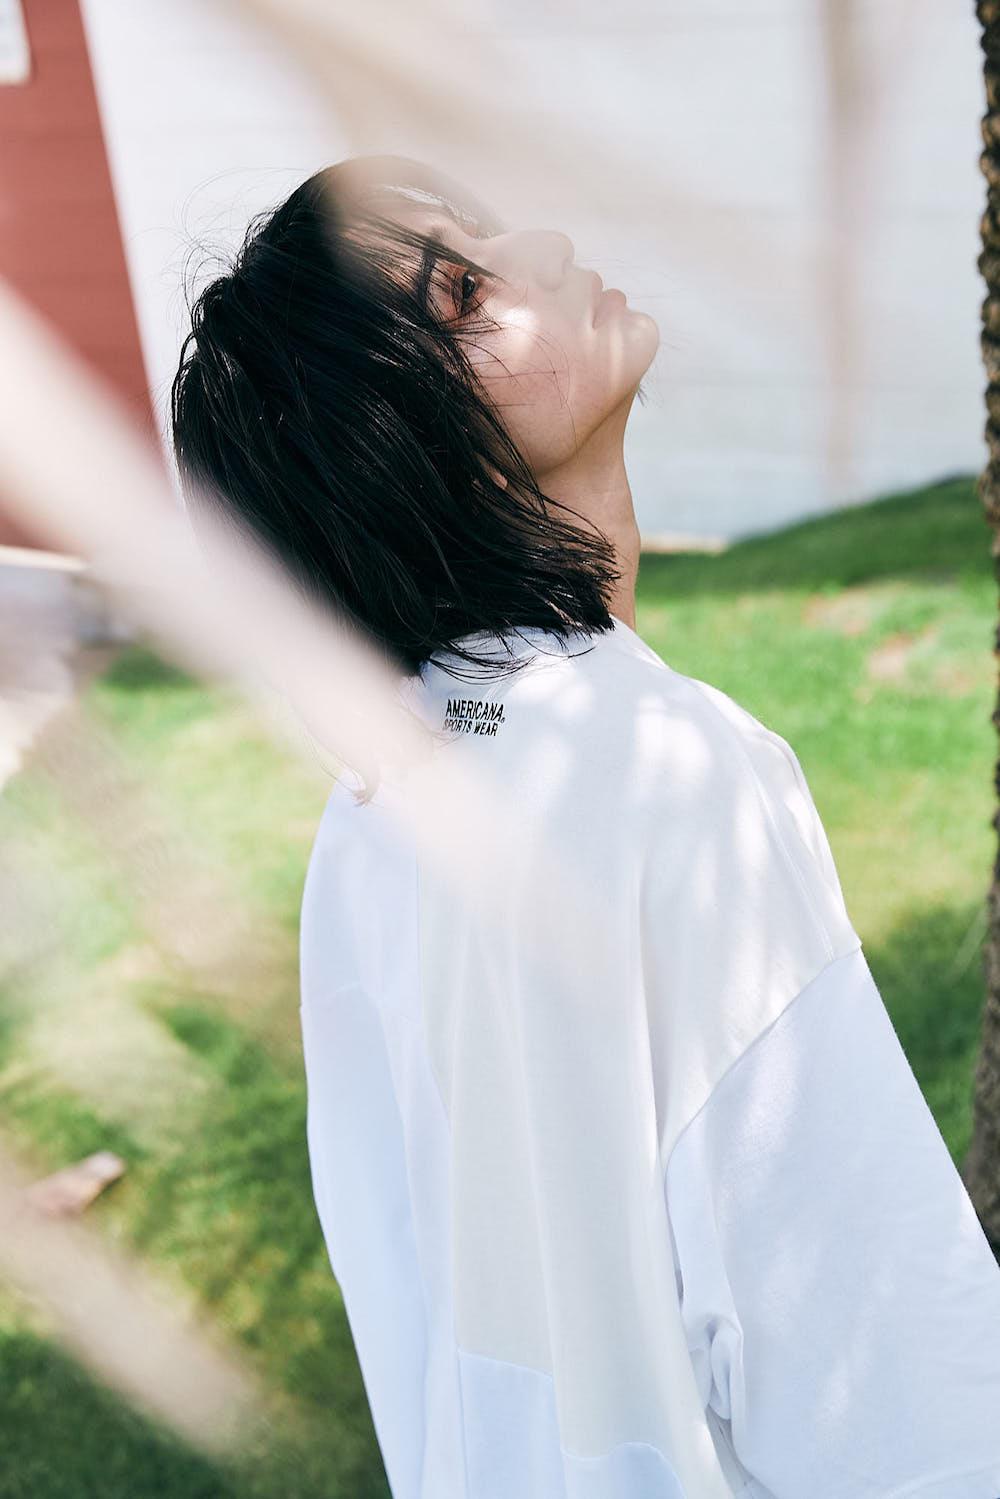 2018-0612-Beauty_Youth40702aaa.jpg のコピー